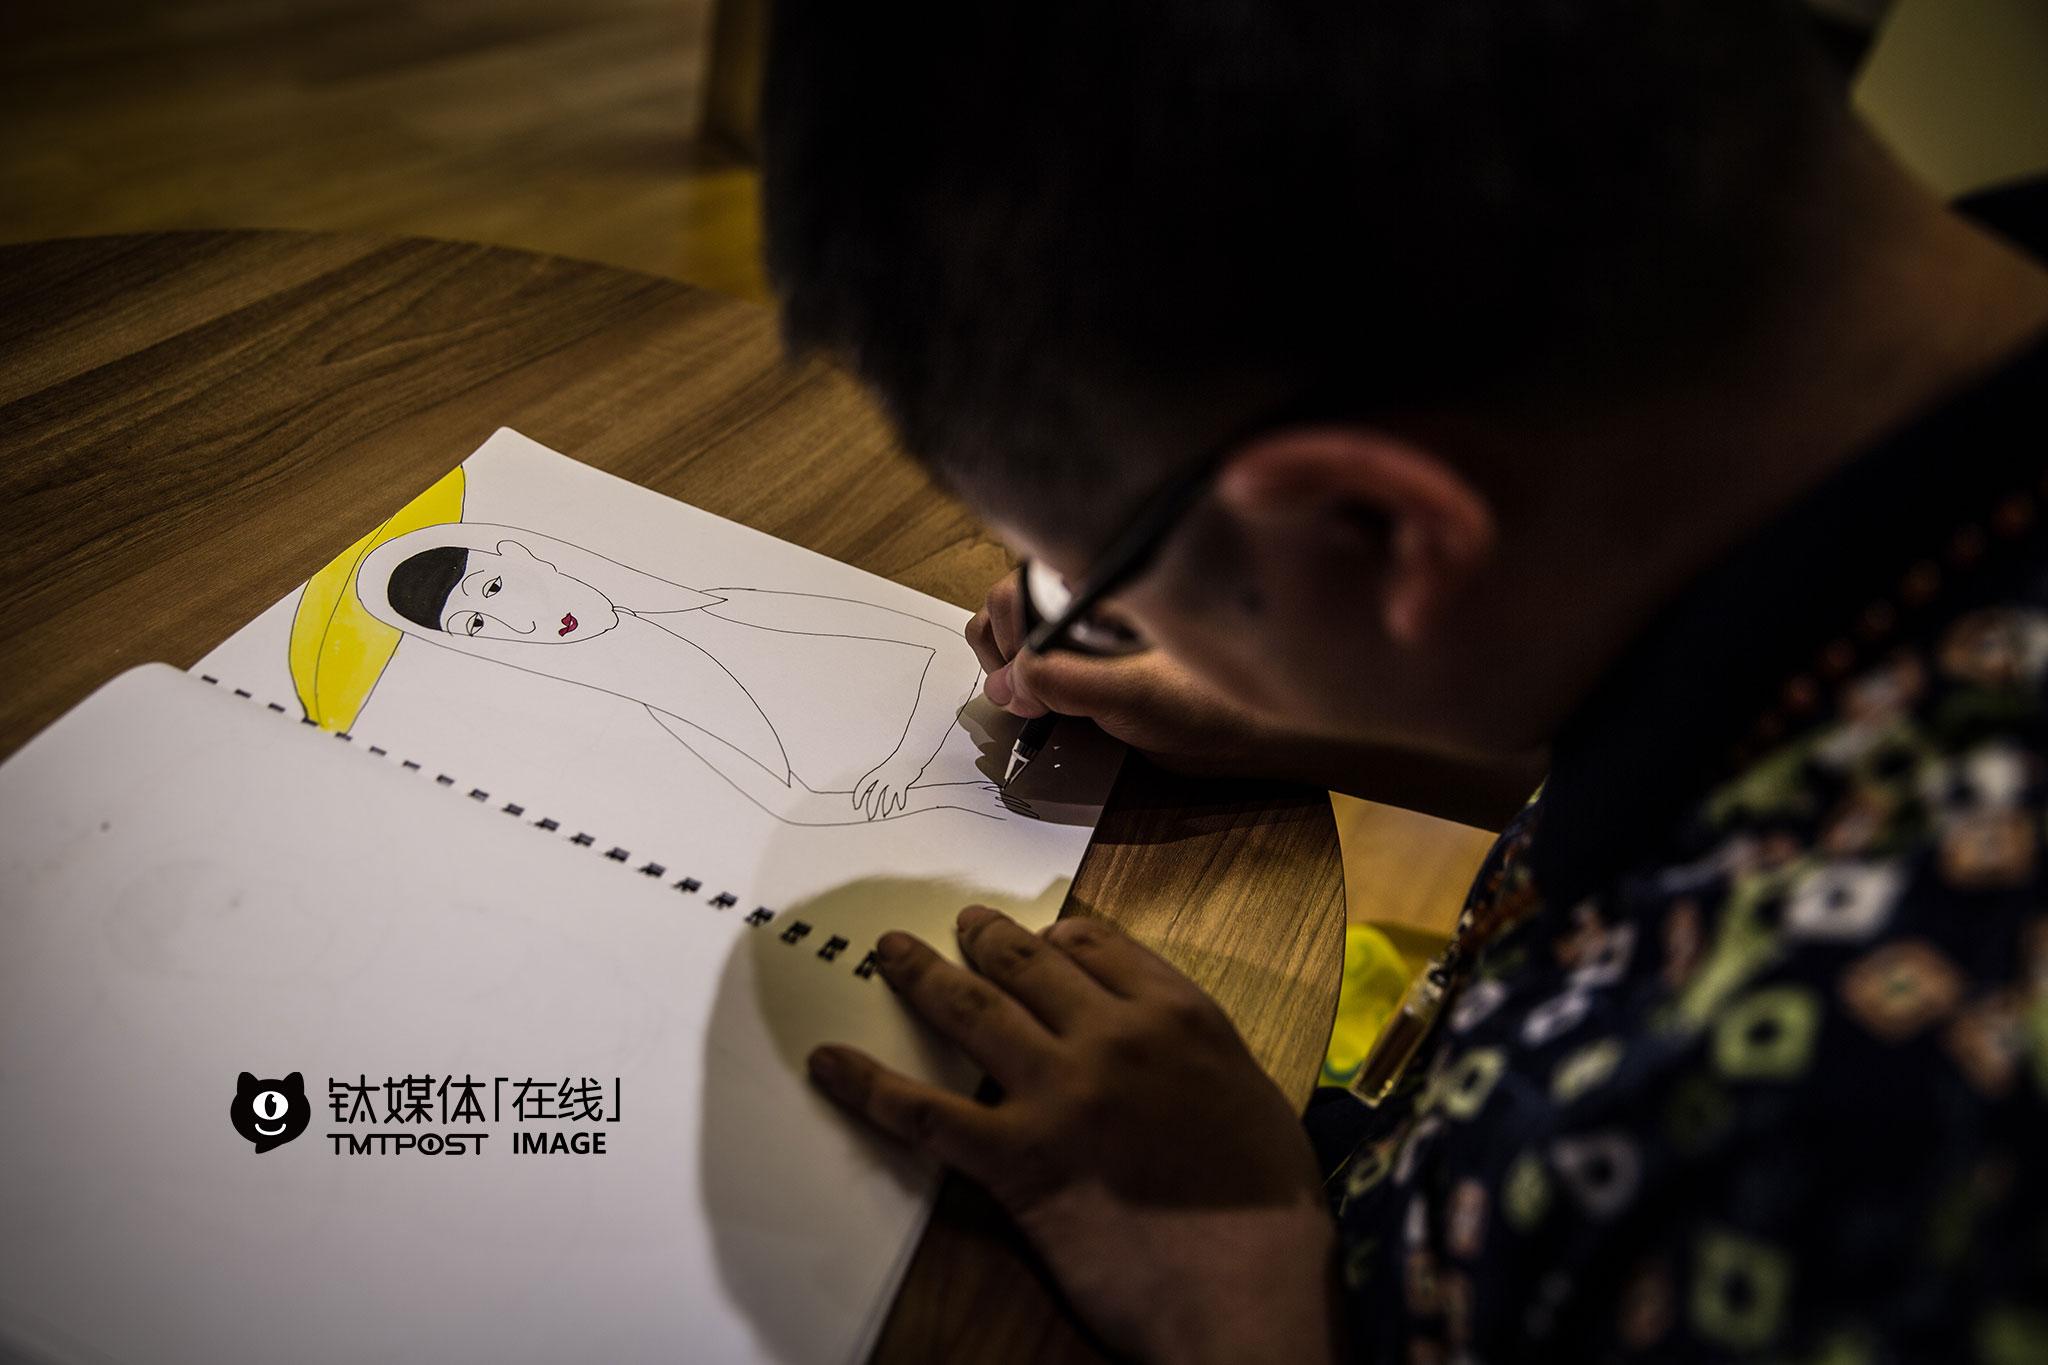 """试镜结束后,他找了个地方开始继续画画。这是一套福建惠安女的画,吴建辉已经画了快半年,""""画这方面的人不多,等我画得差不多了,我想找找当地的合作,一起来推广民俗文化。"""""""